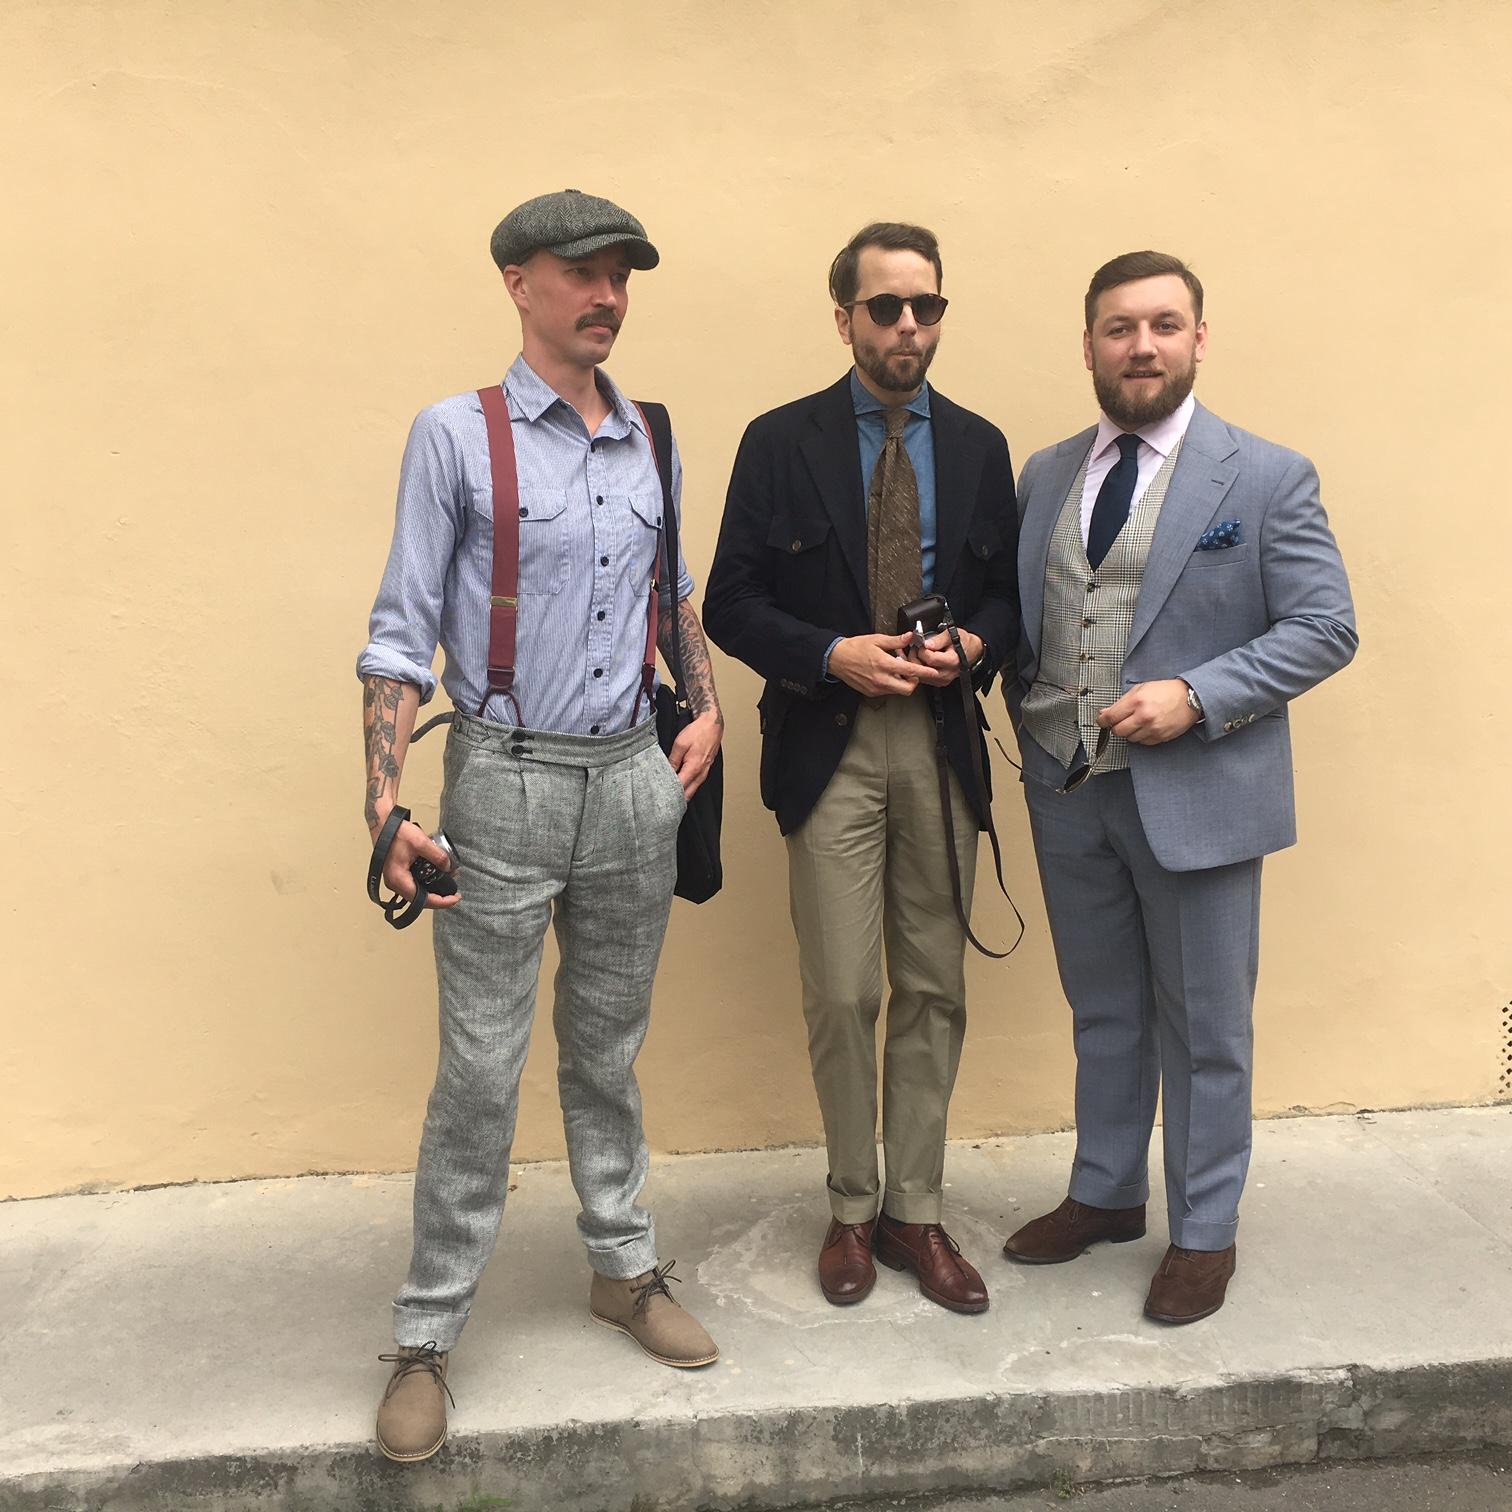 Tom Miler's photos in Pitti Uomo 90 - Day 3